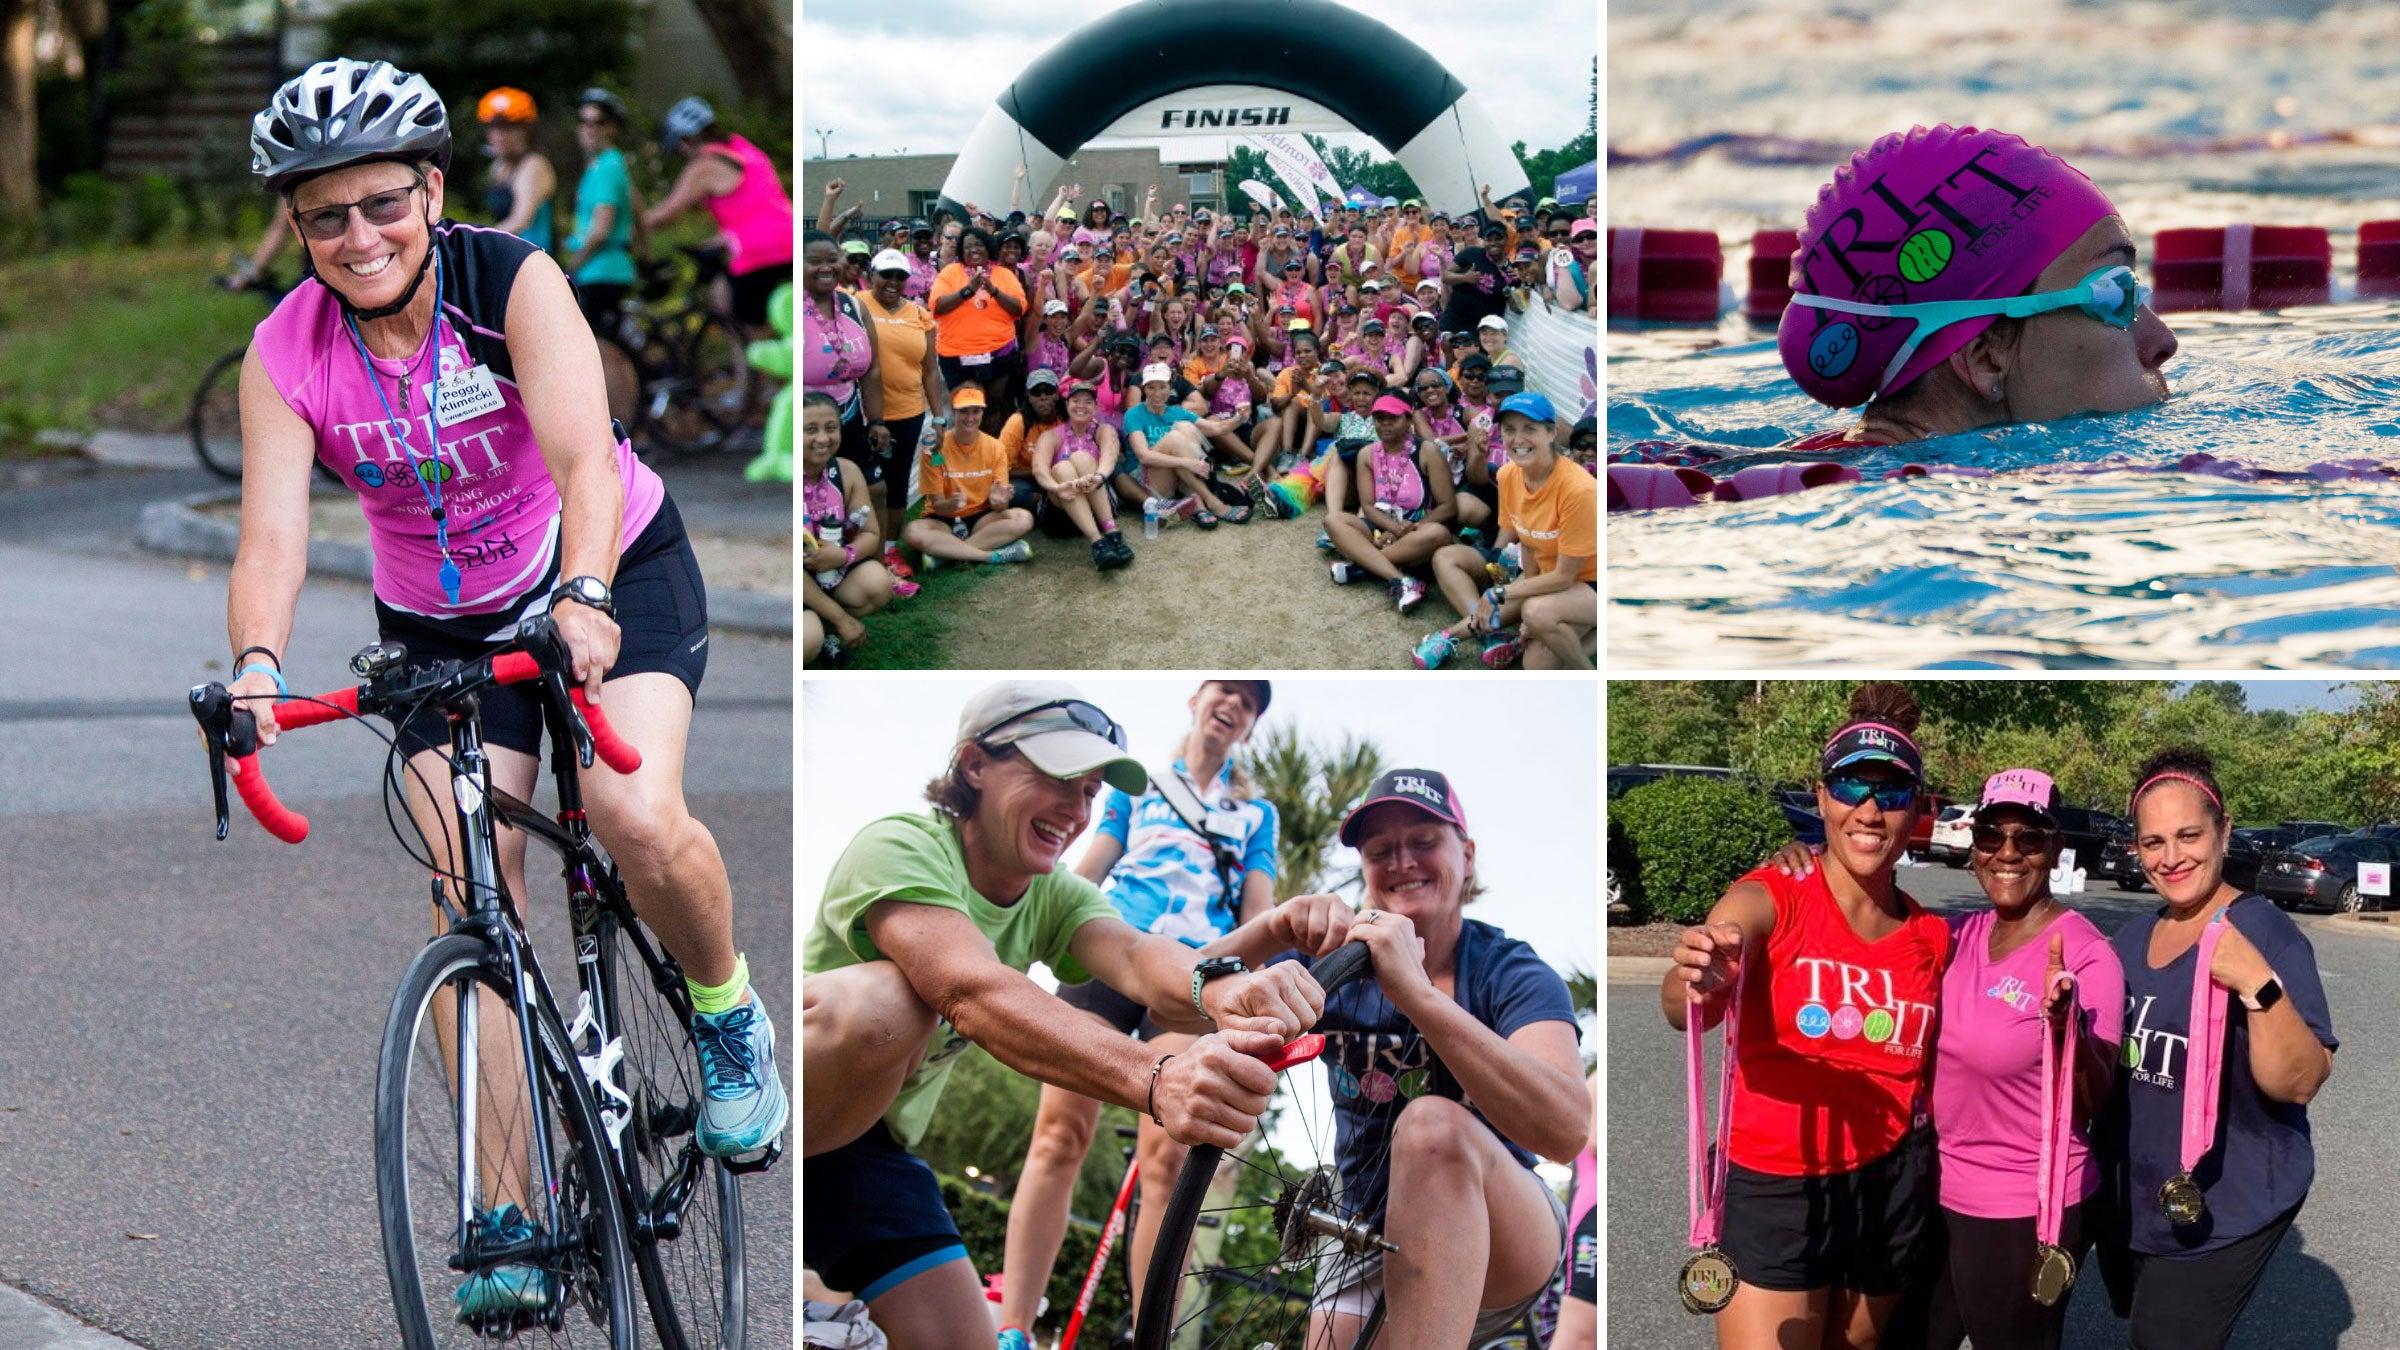 Club Hub: Tri it For Life, Inc. – Triathlete